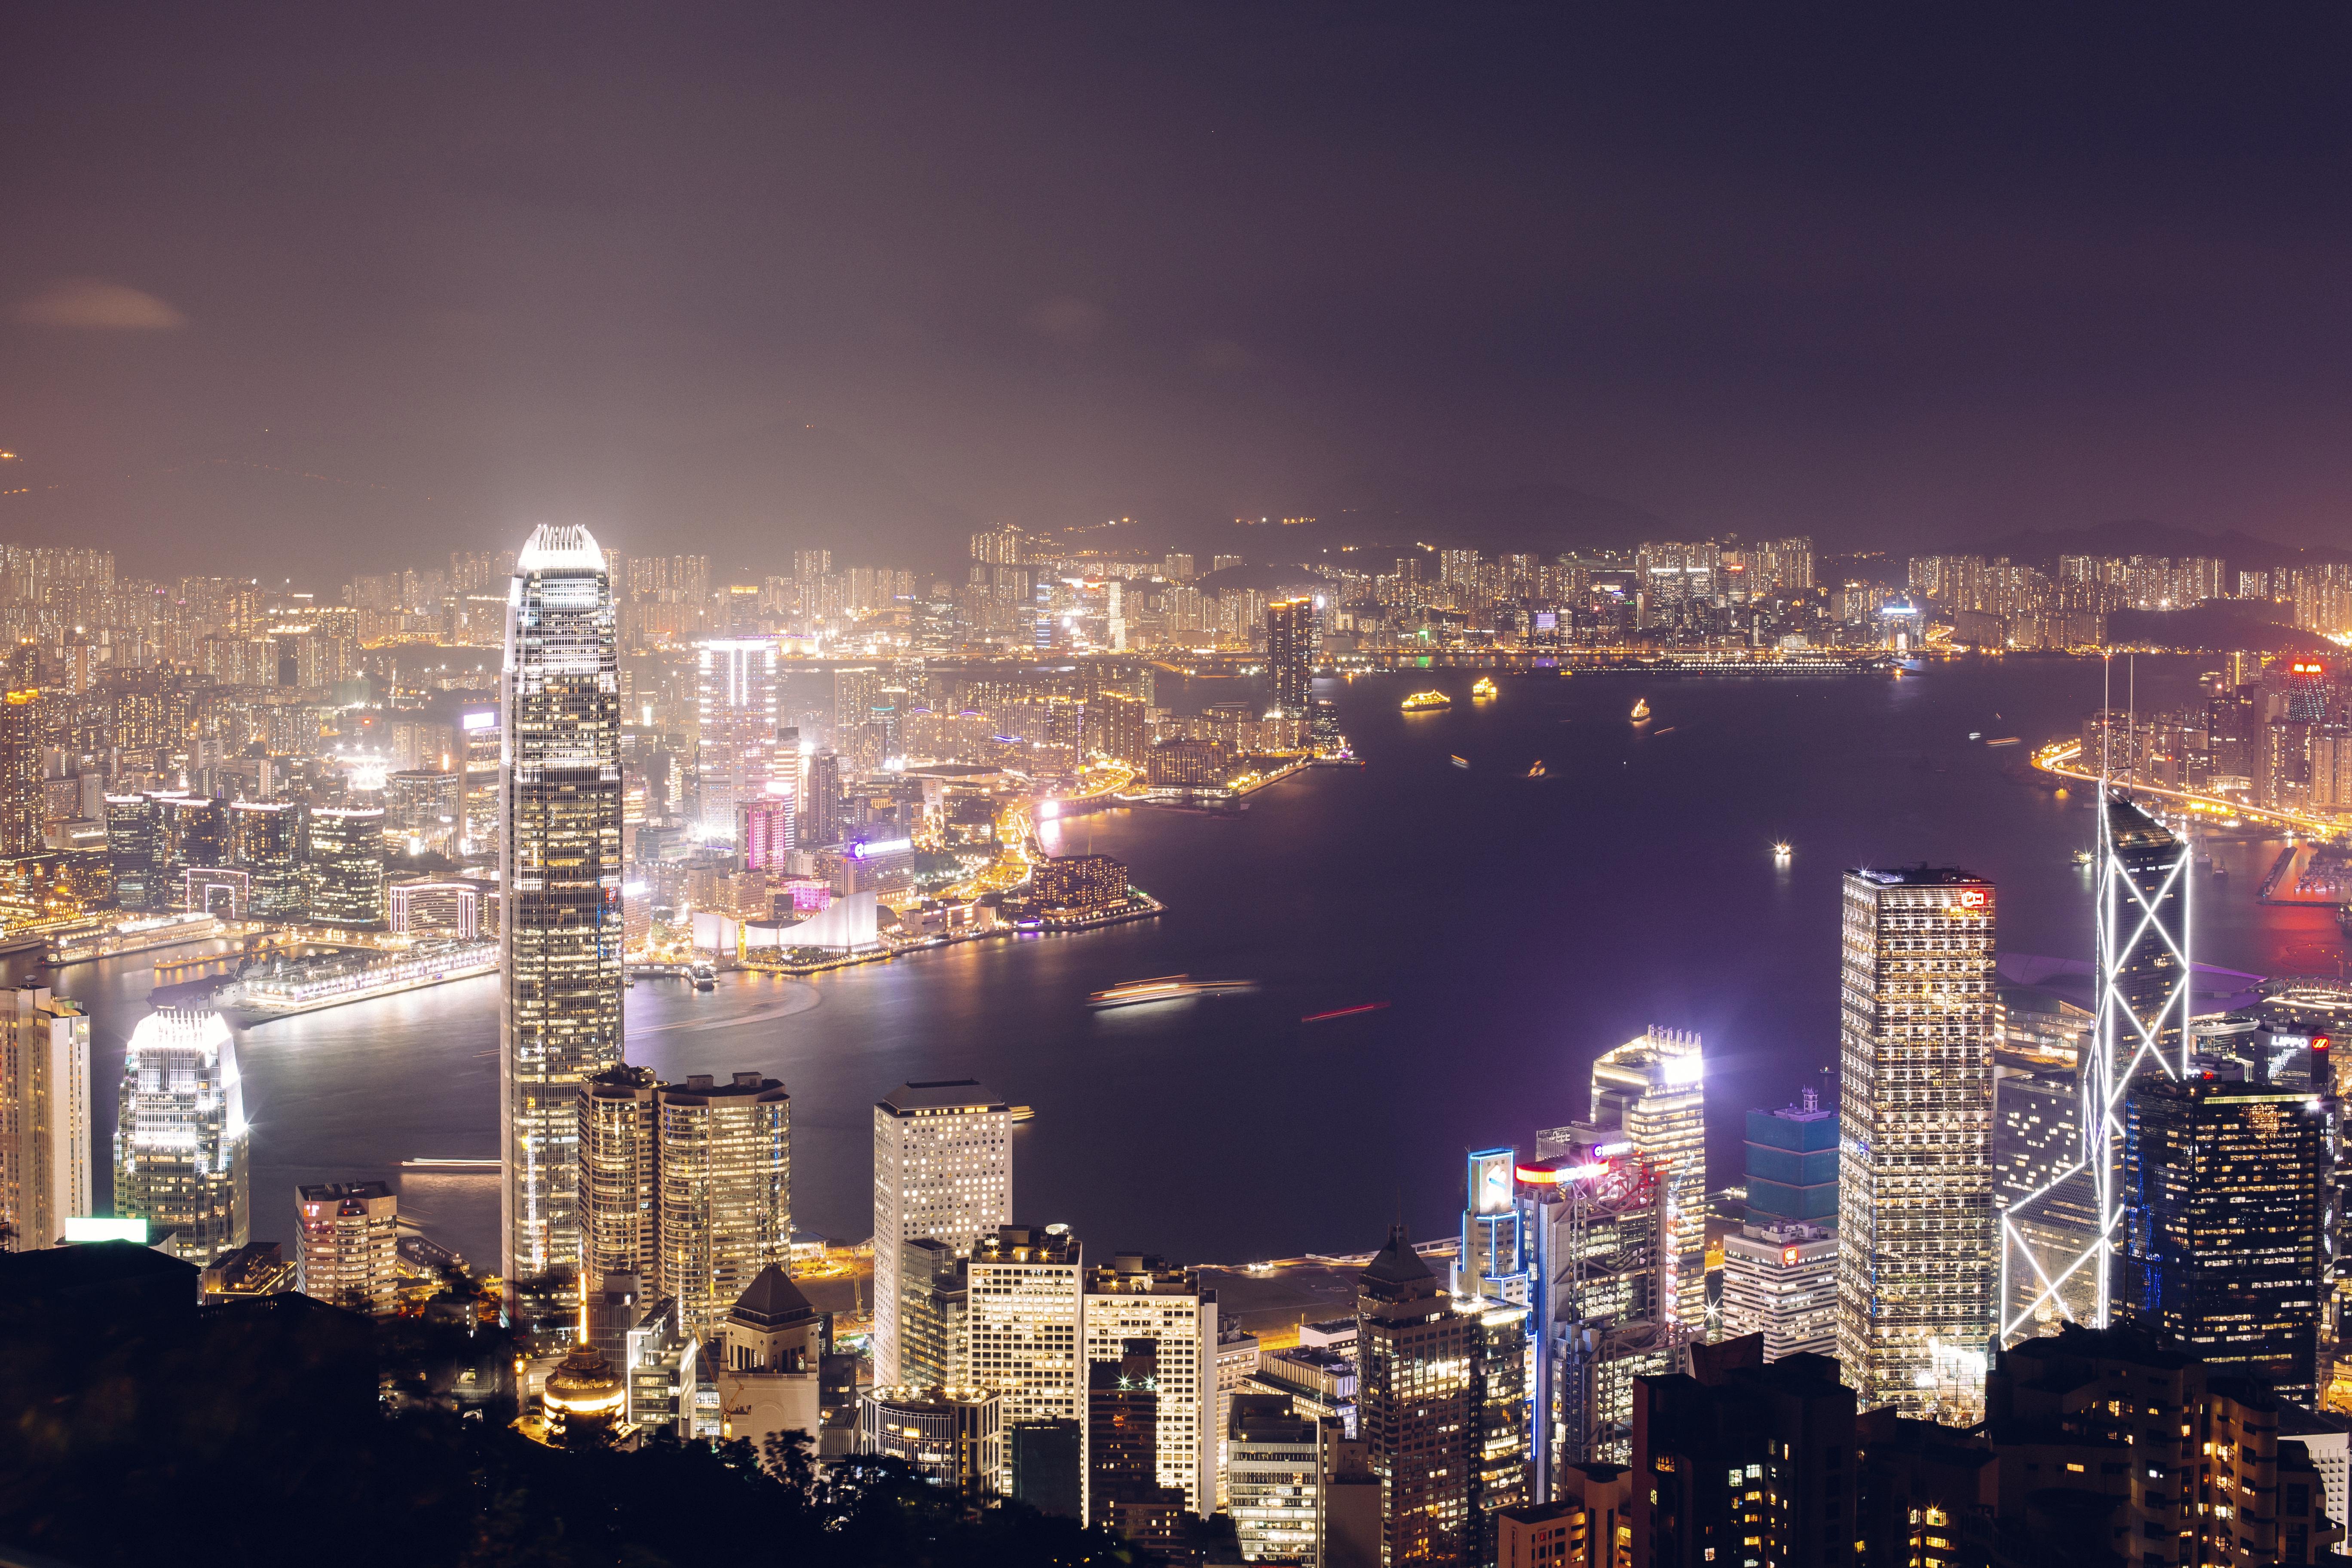 [VISIT HONGKONG] 홍콩자유 2박3일/2박4일/3박4일 - 캐세이퍼시픽항공 (피크트램+보험포함)